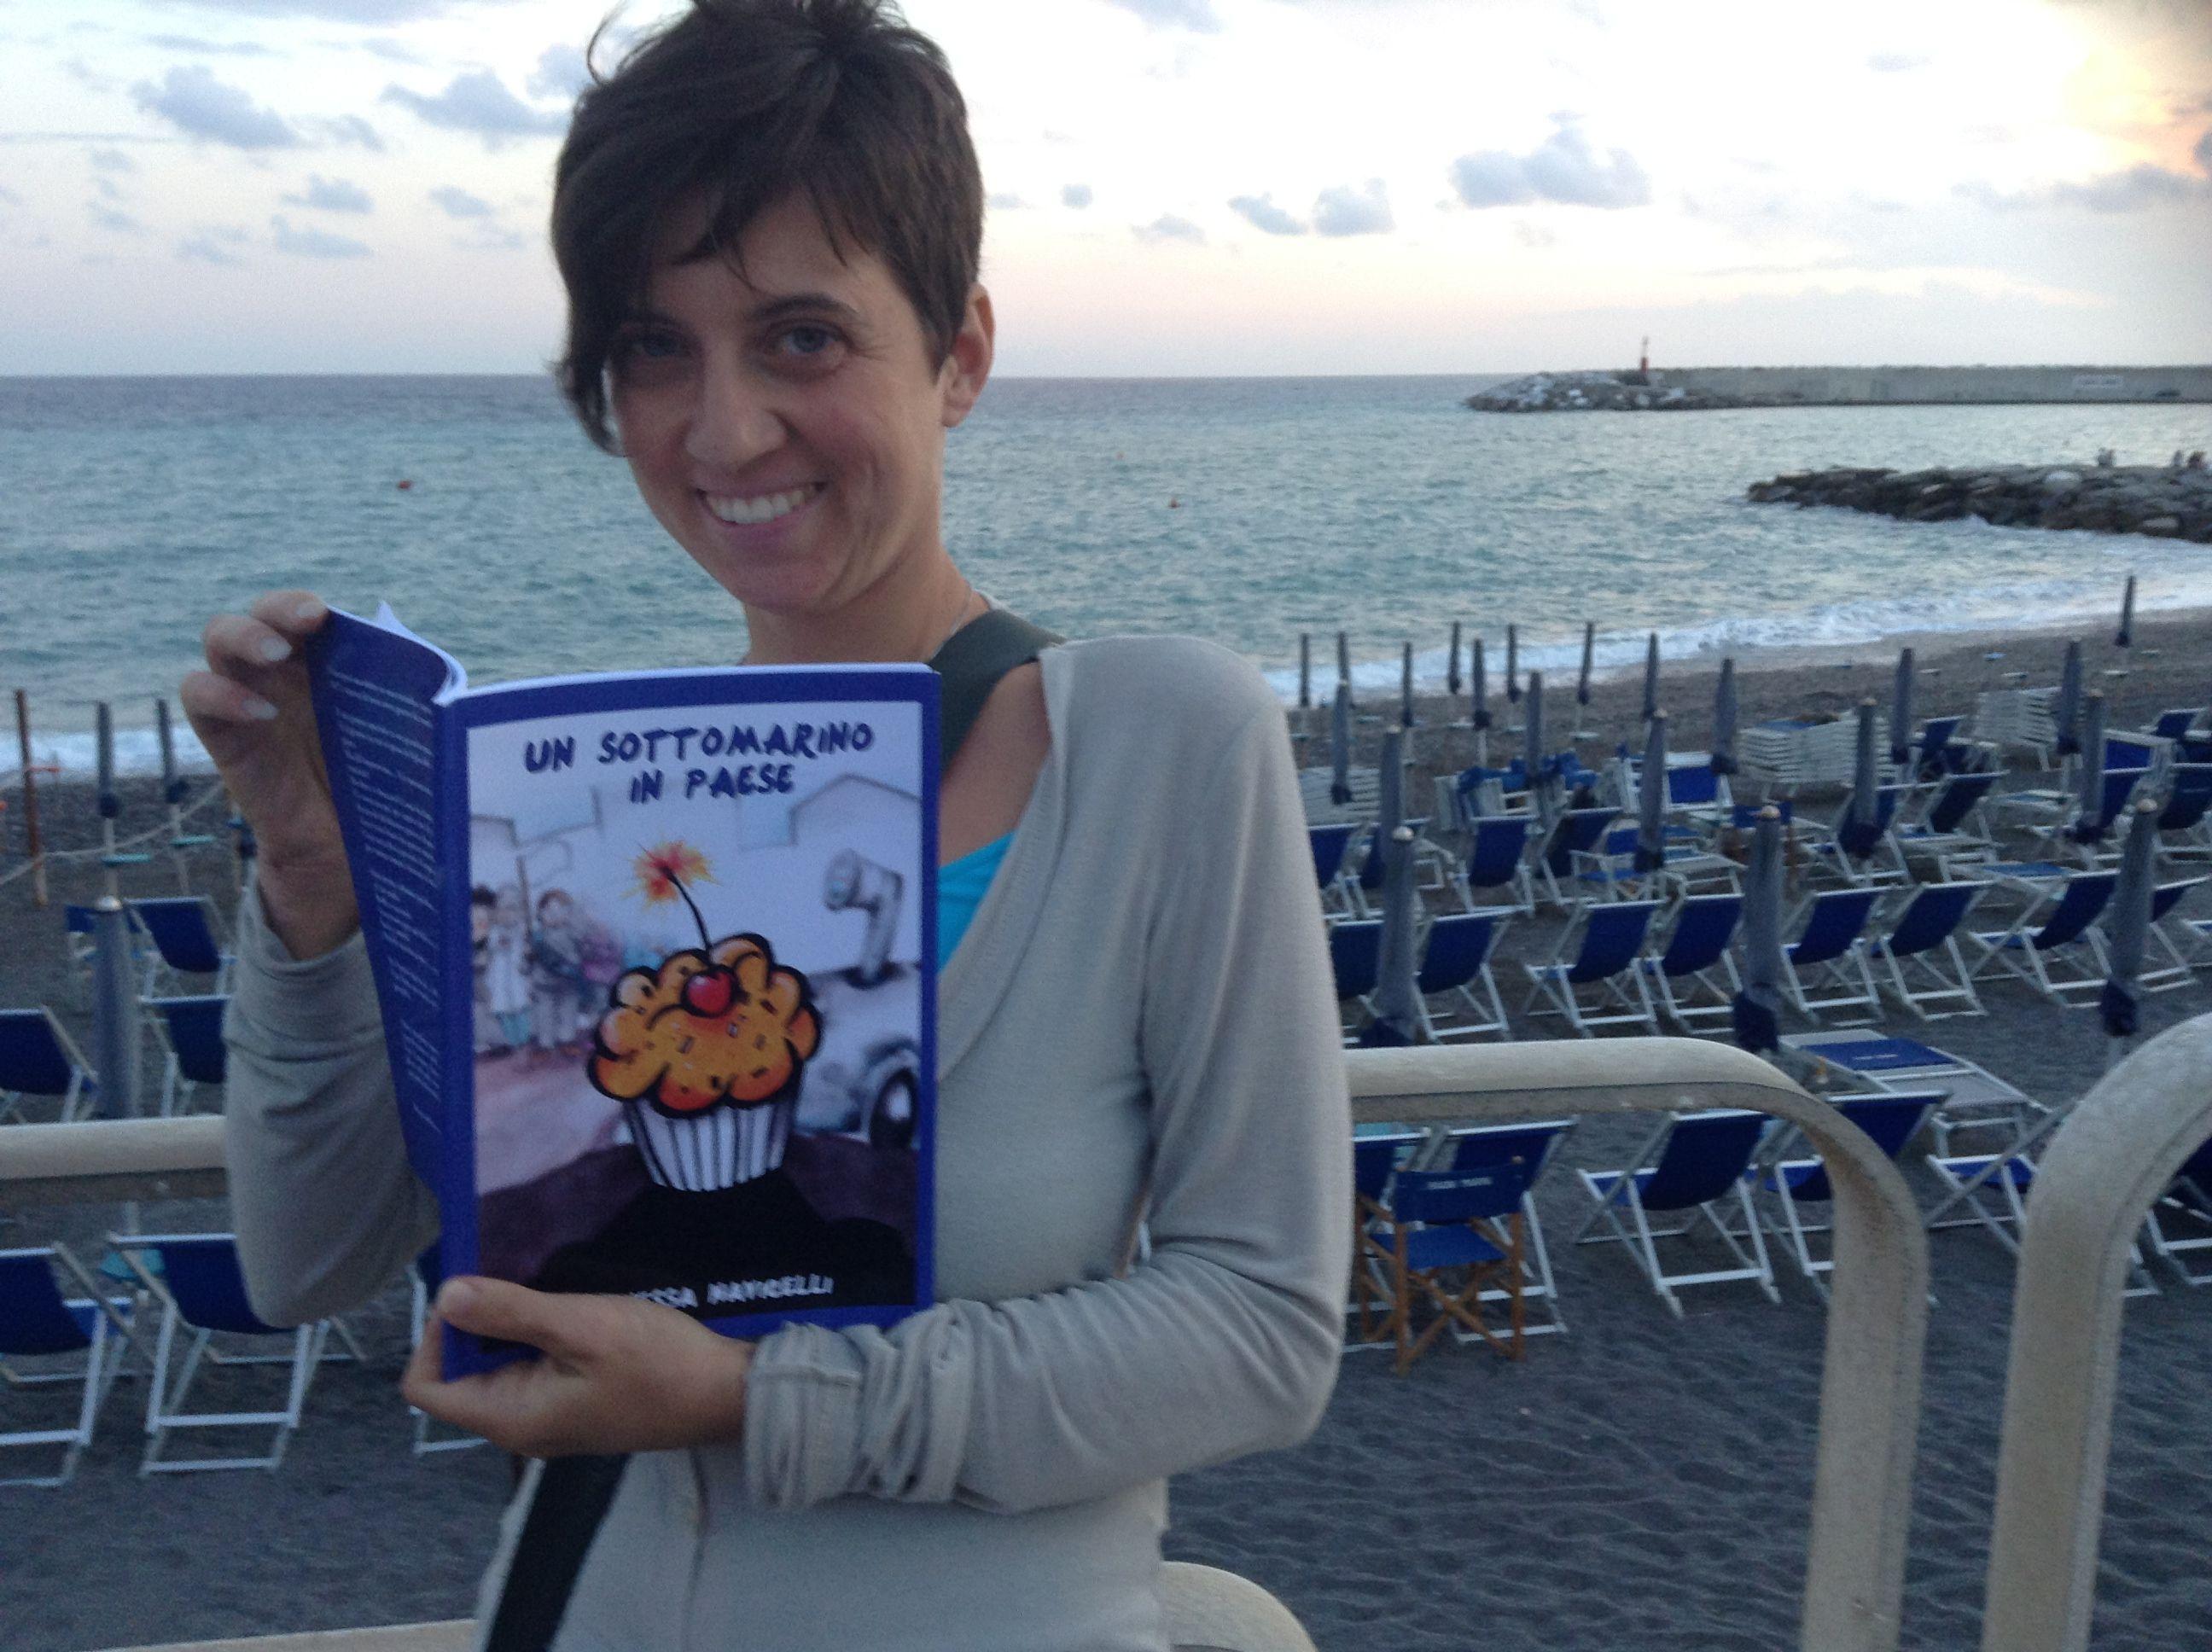 Come ci si consola per il brutto tempo al mare? Leggendo #UnSottomarinoInPaese! :D   (OK, non è che ci si consola del tutto, però un po' di buonumore lo mette ;)) )  http://vanessanavicelli.com/booktrailer/